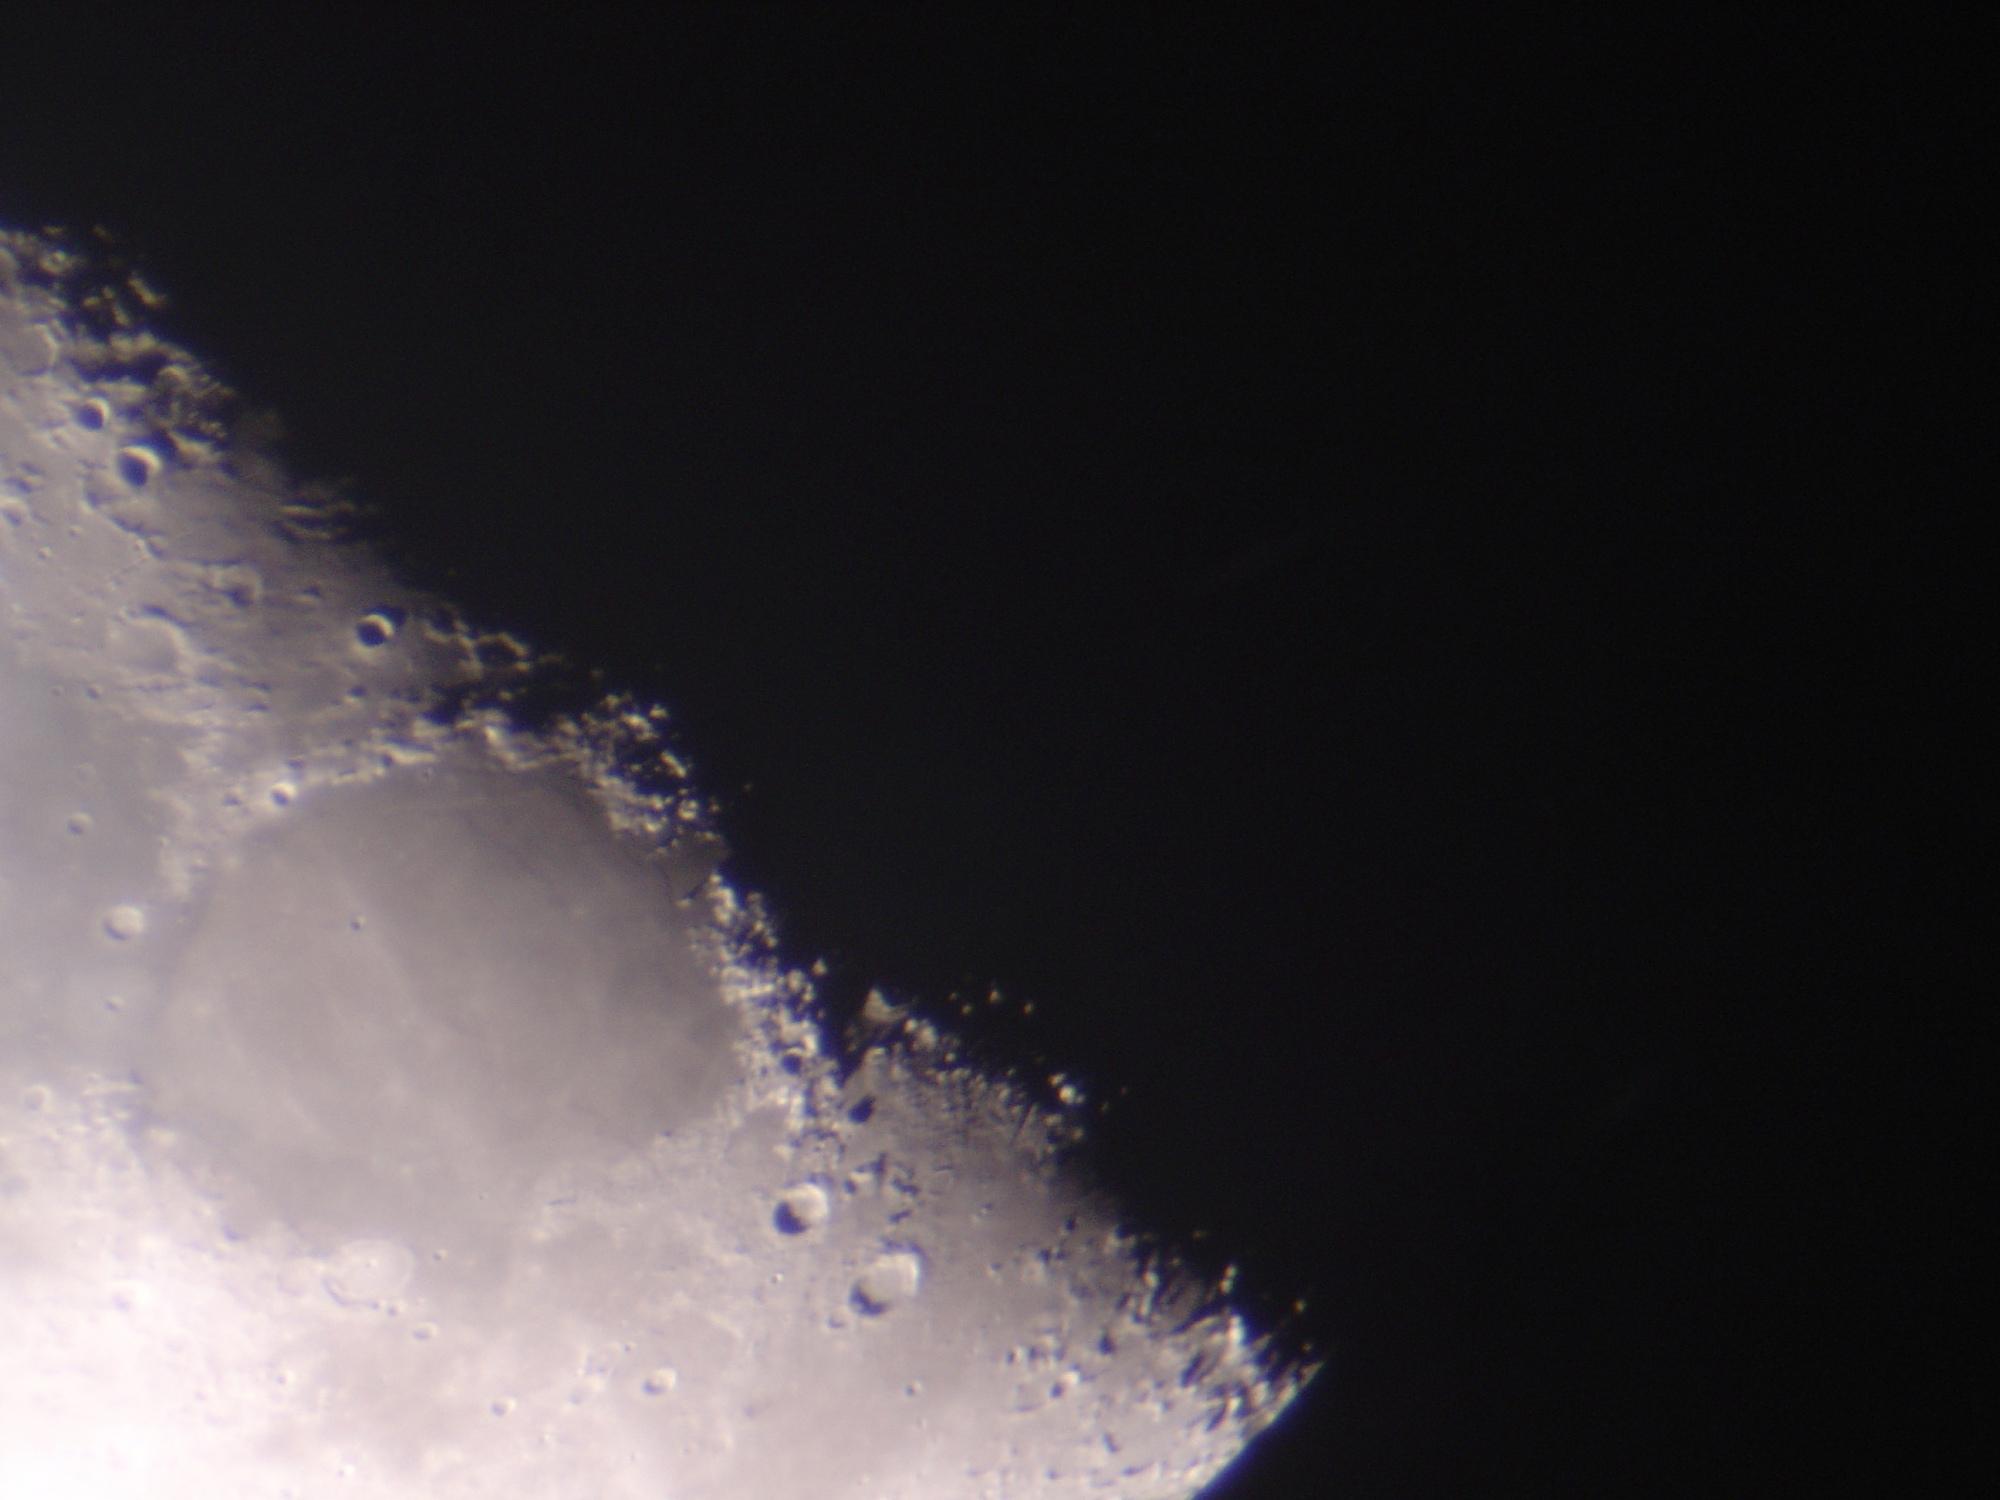 2 lune 150 newton nagler de 16 ou 9.jpg